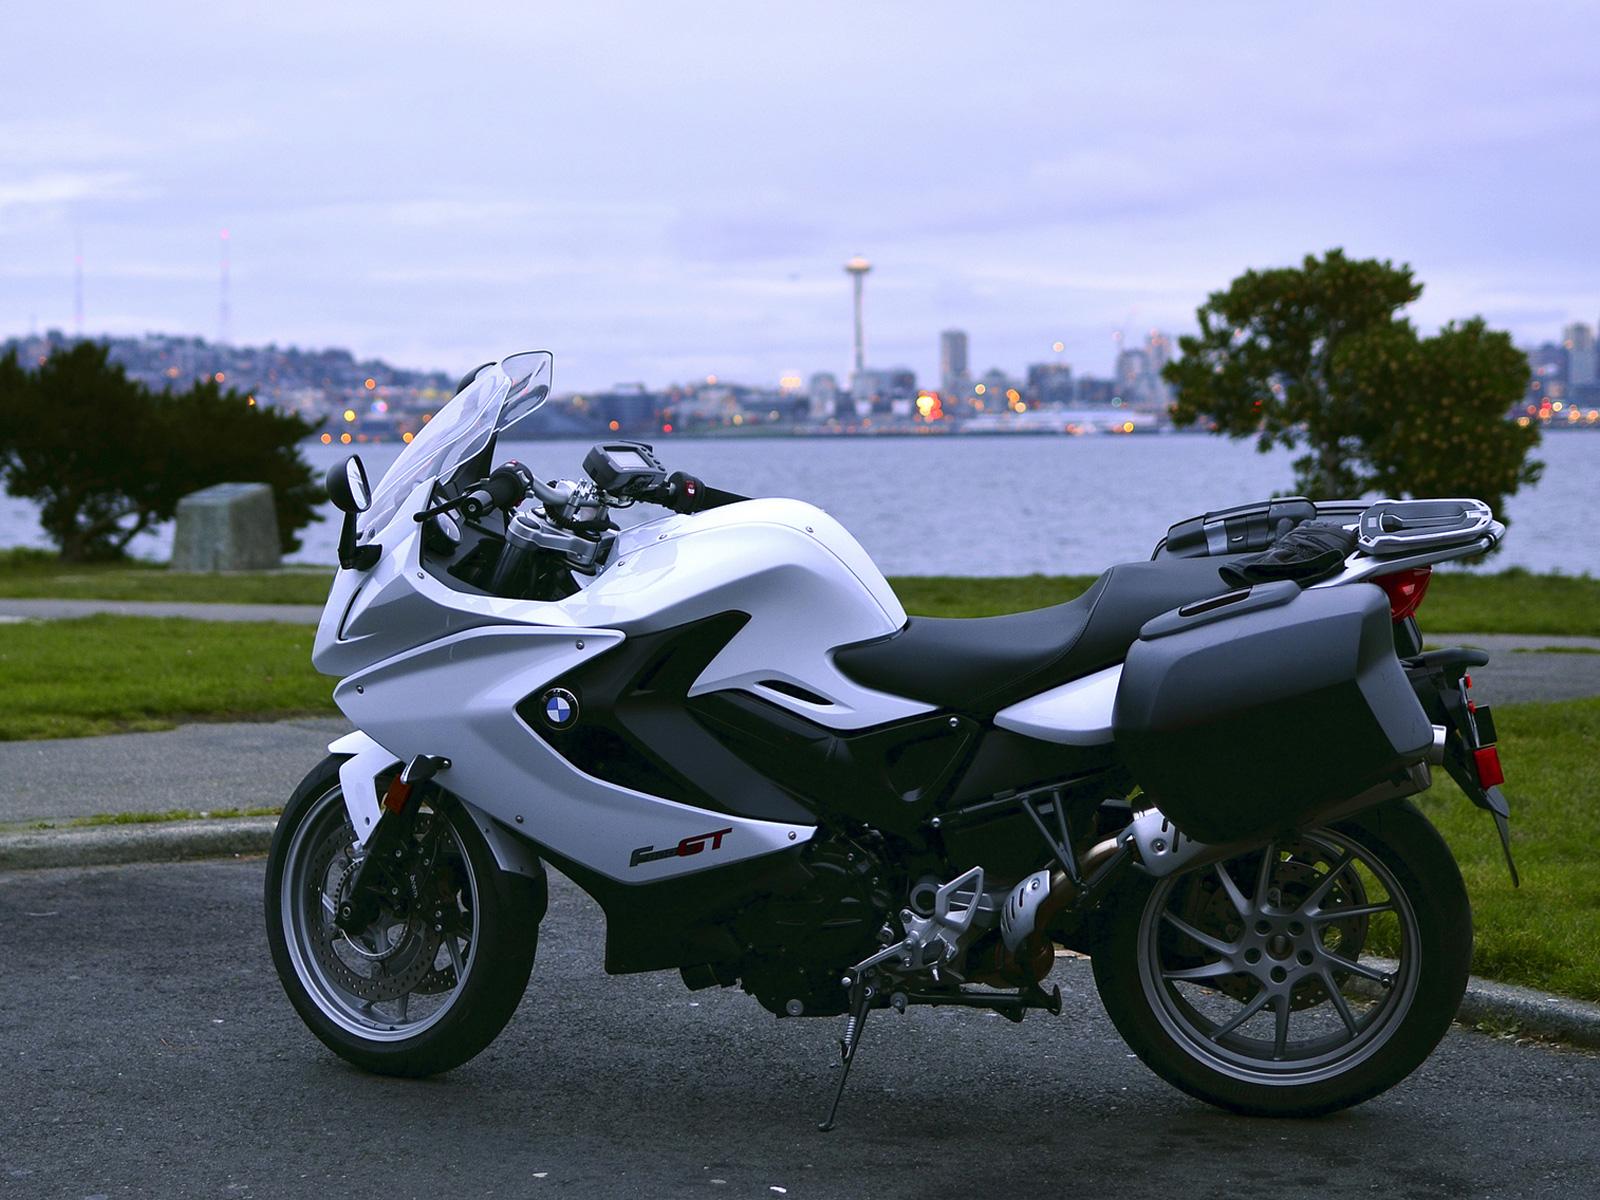 宝马bmw 2014 f800gt摩托车图片